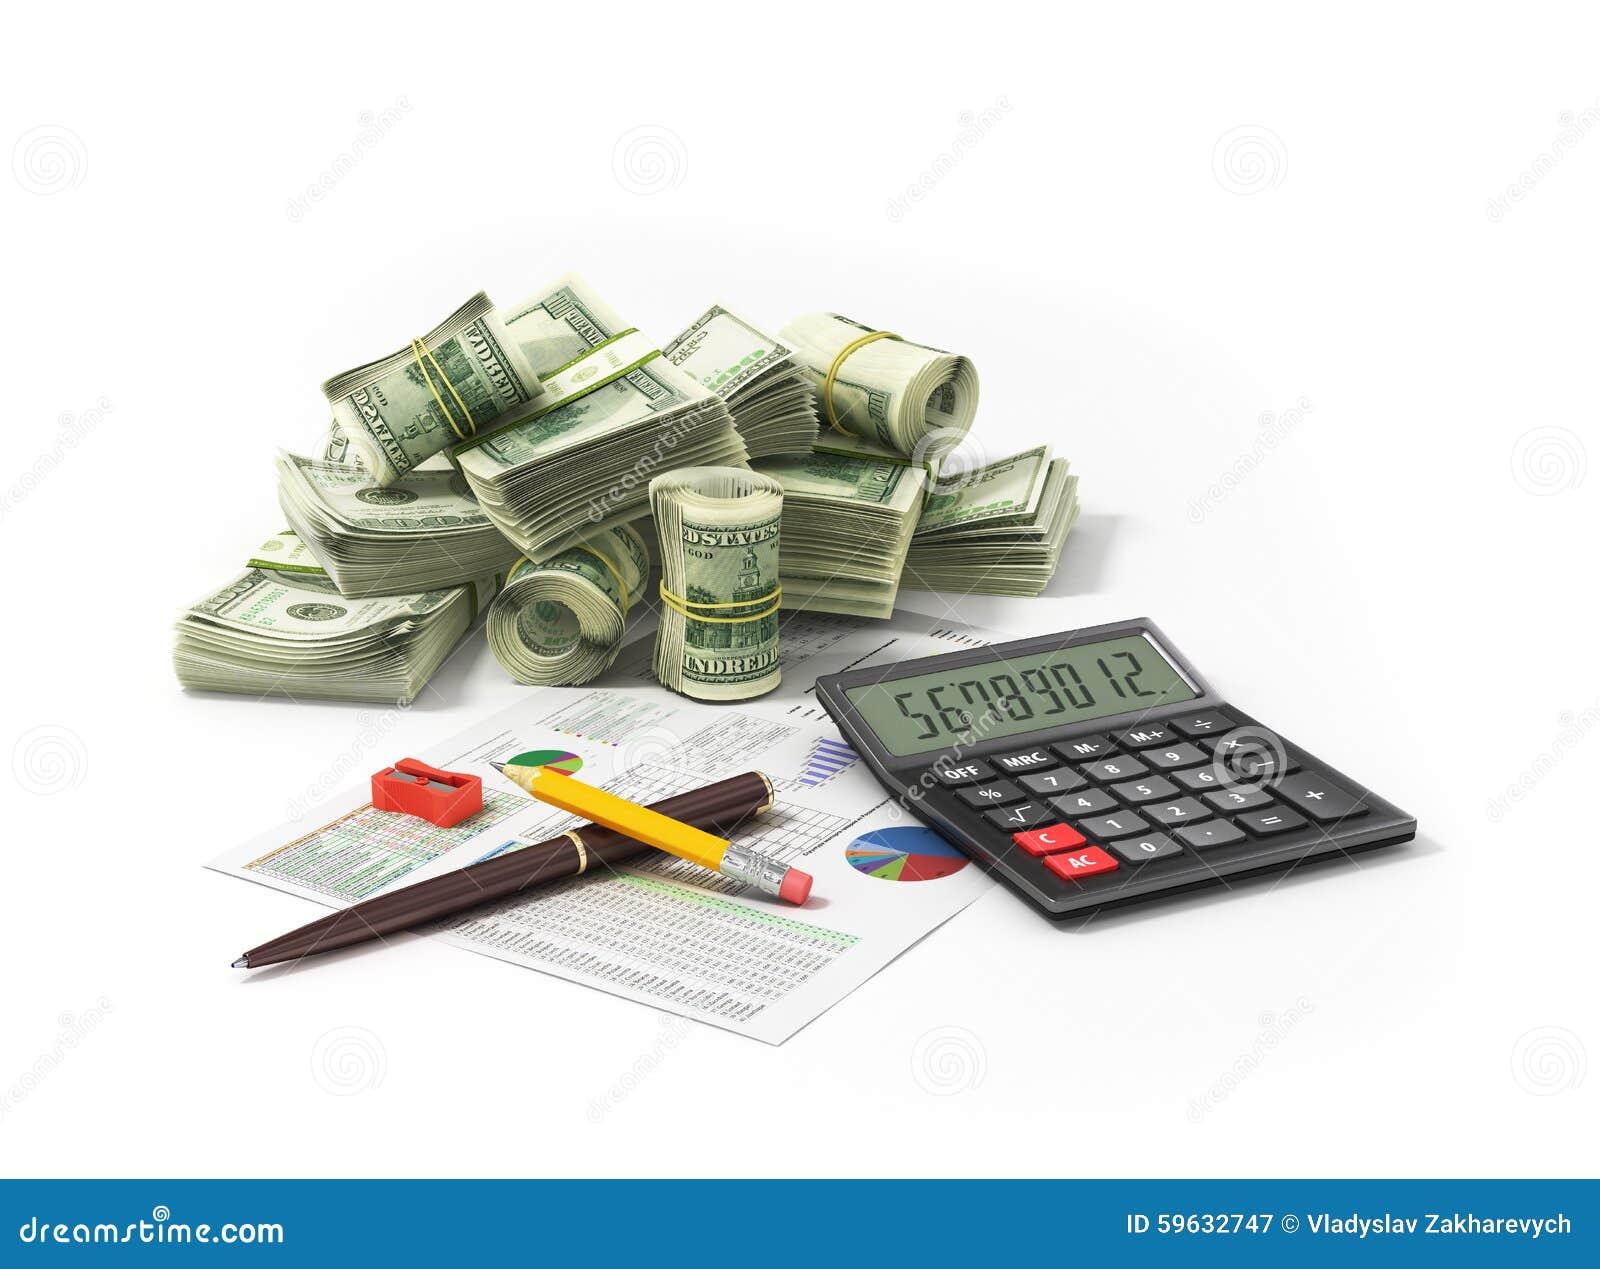 материальная выгода по процентам по займу